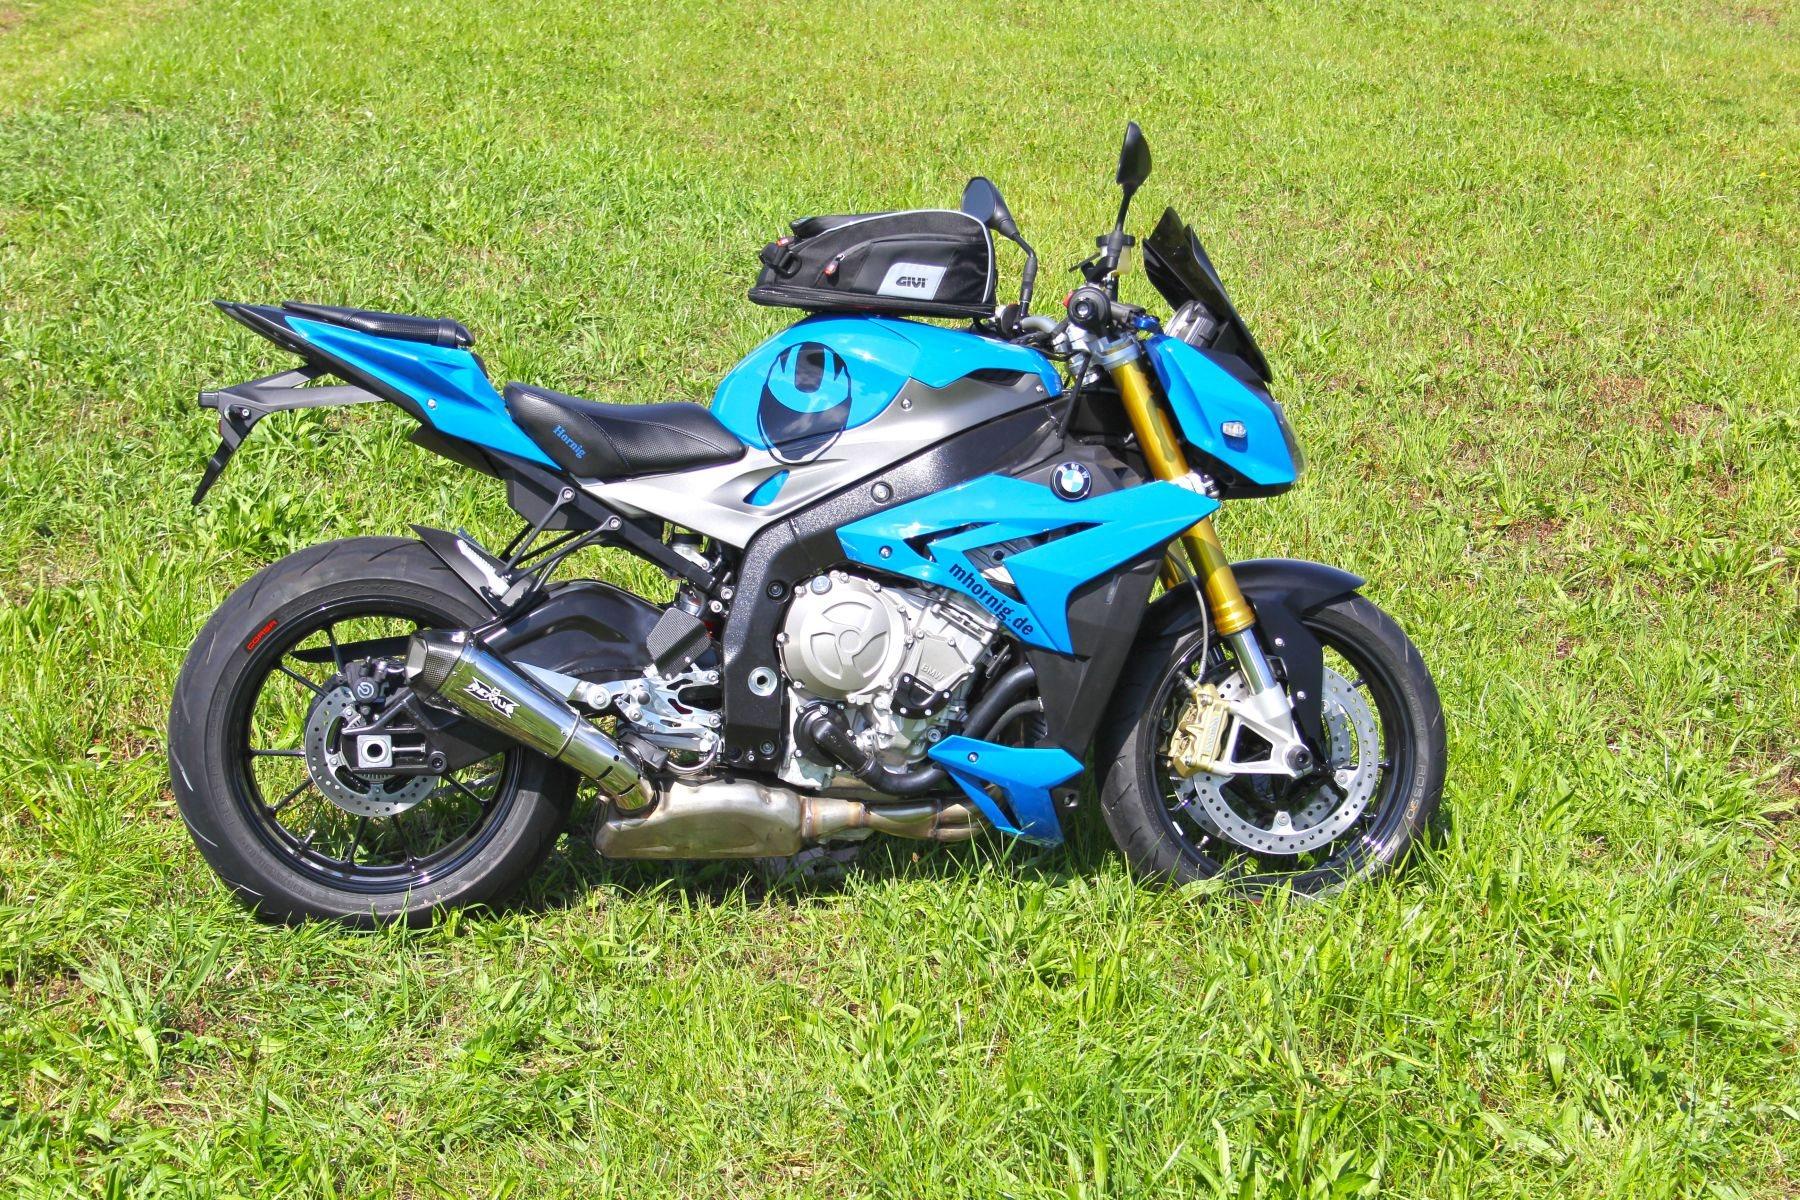 bmw s 1000 r naked bike tuning hornig motorrad news. Black Bedroom Furniture Sets. Home Design Ideas